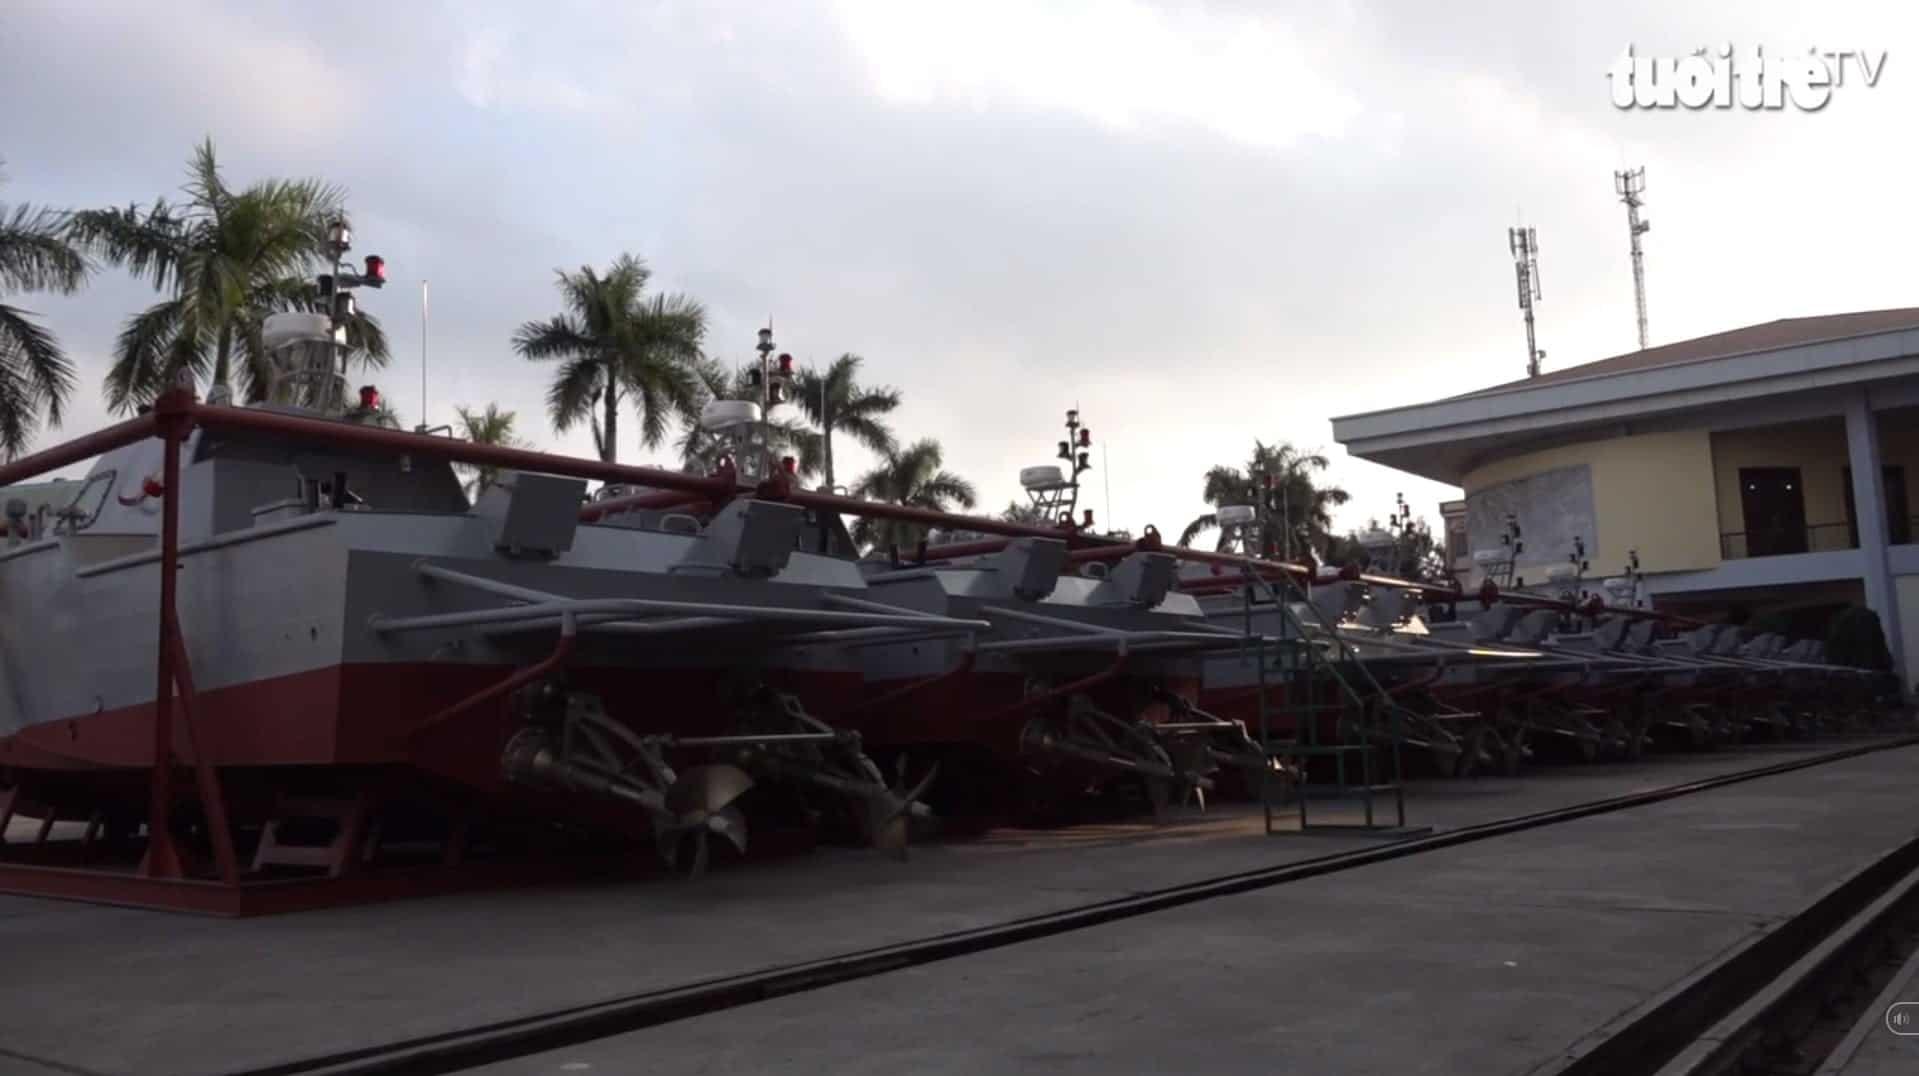 Швидкісні патрульні катери вироблені у В'єтнамі для однієї з країн Африки